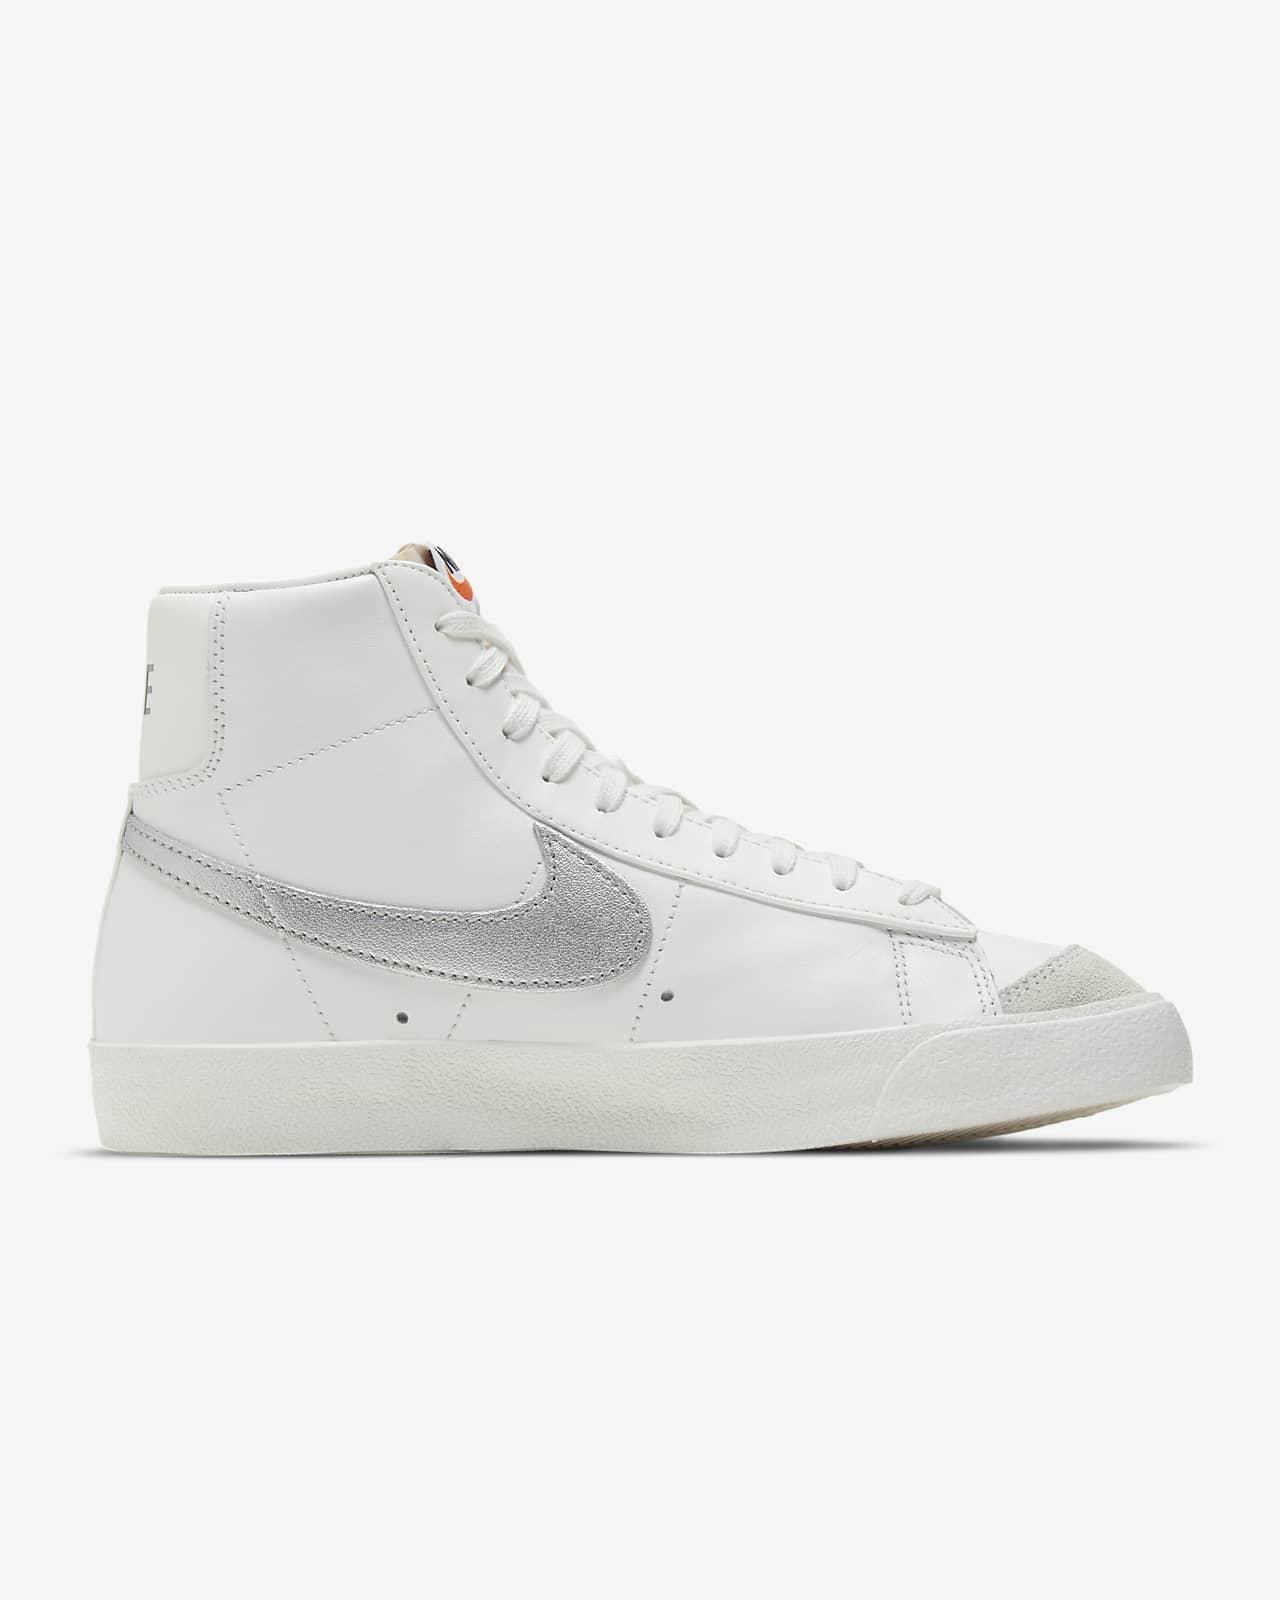 Nike Blazer Mid '77 Women's Shoe